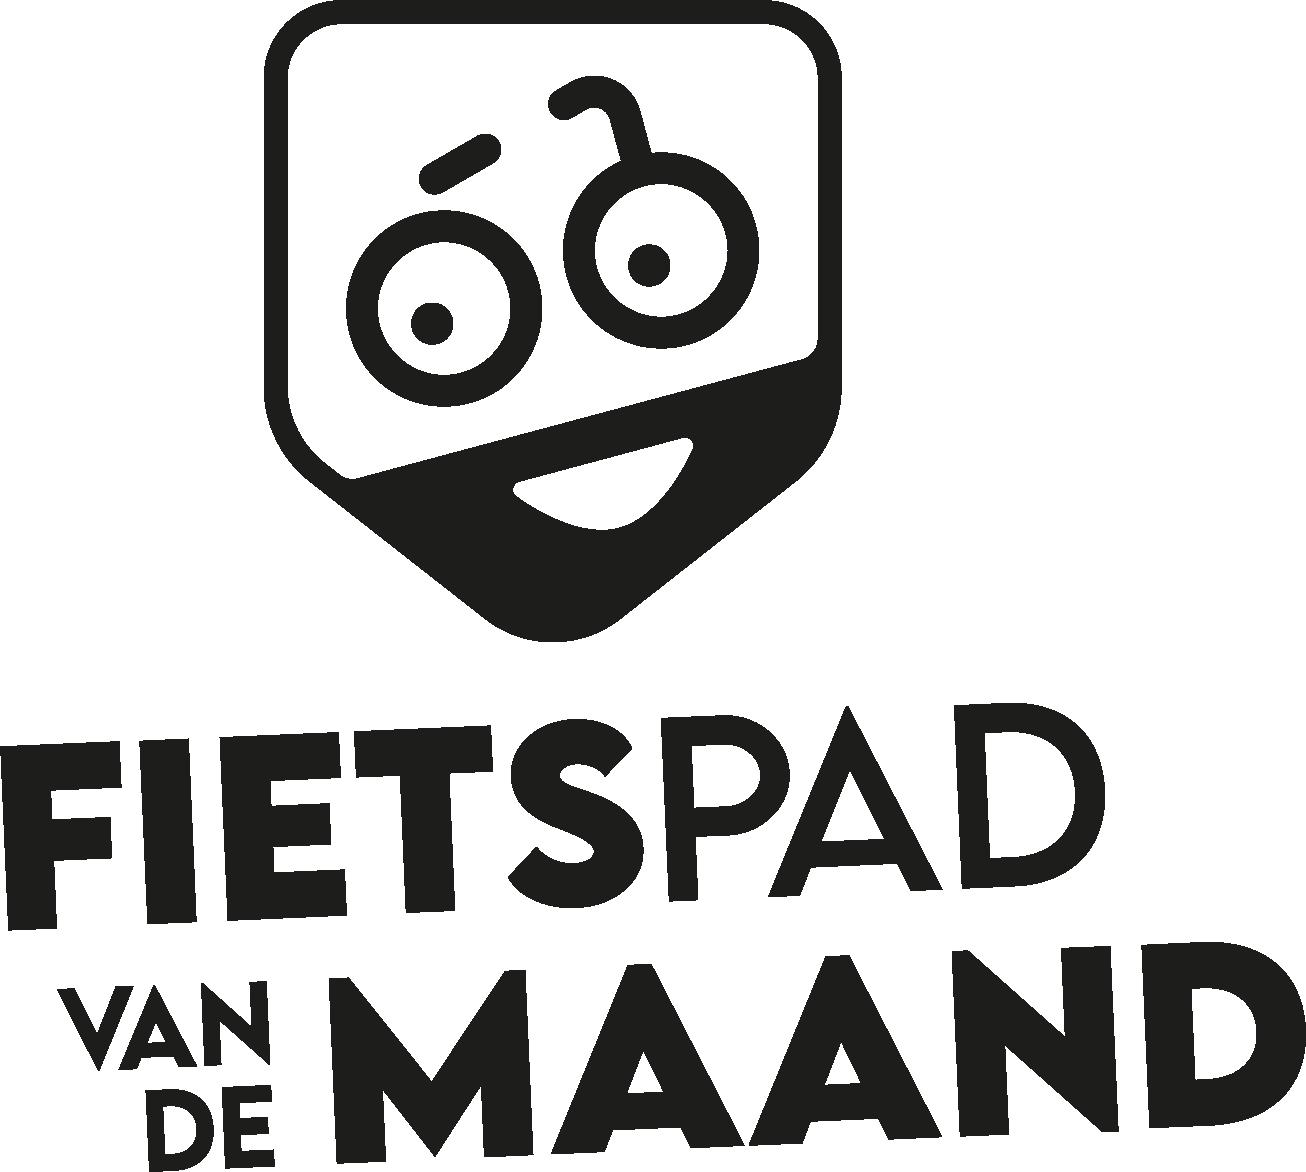 Fietspad van de maand - Logo